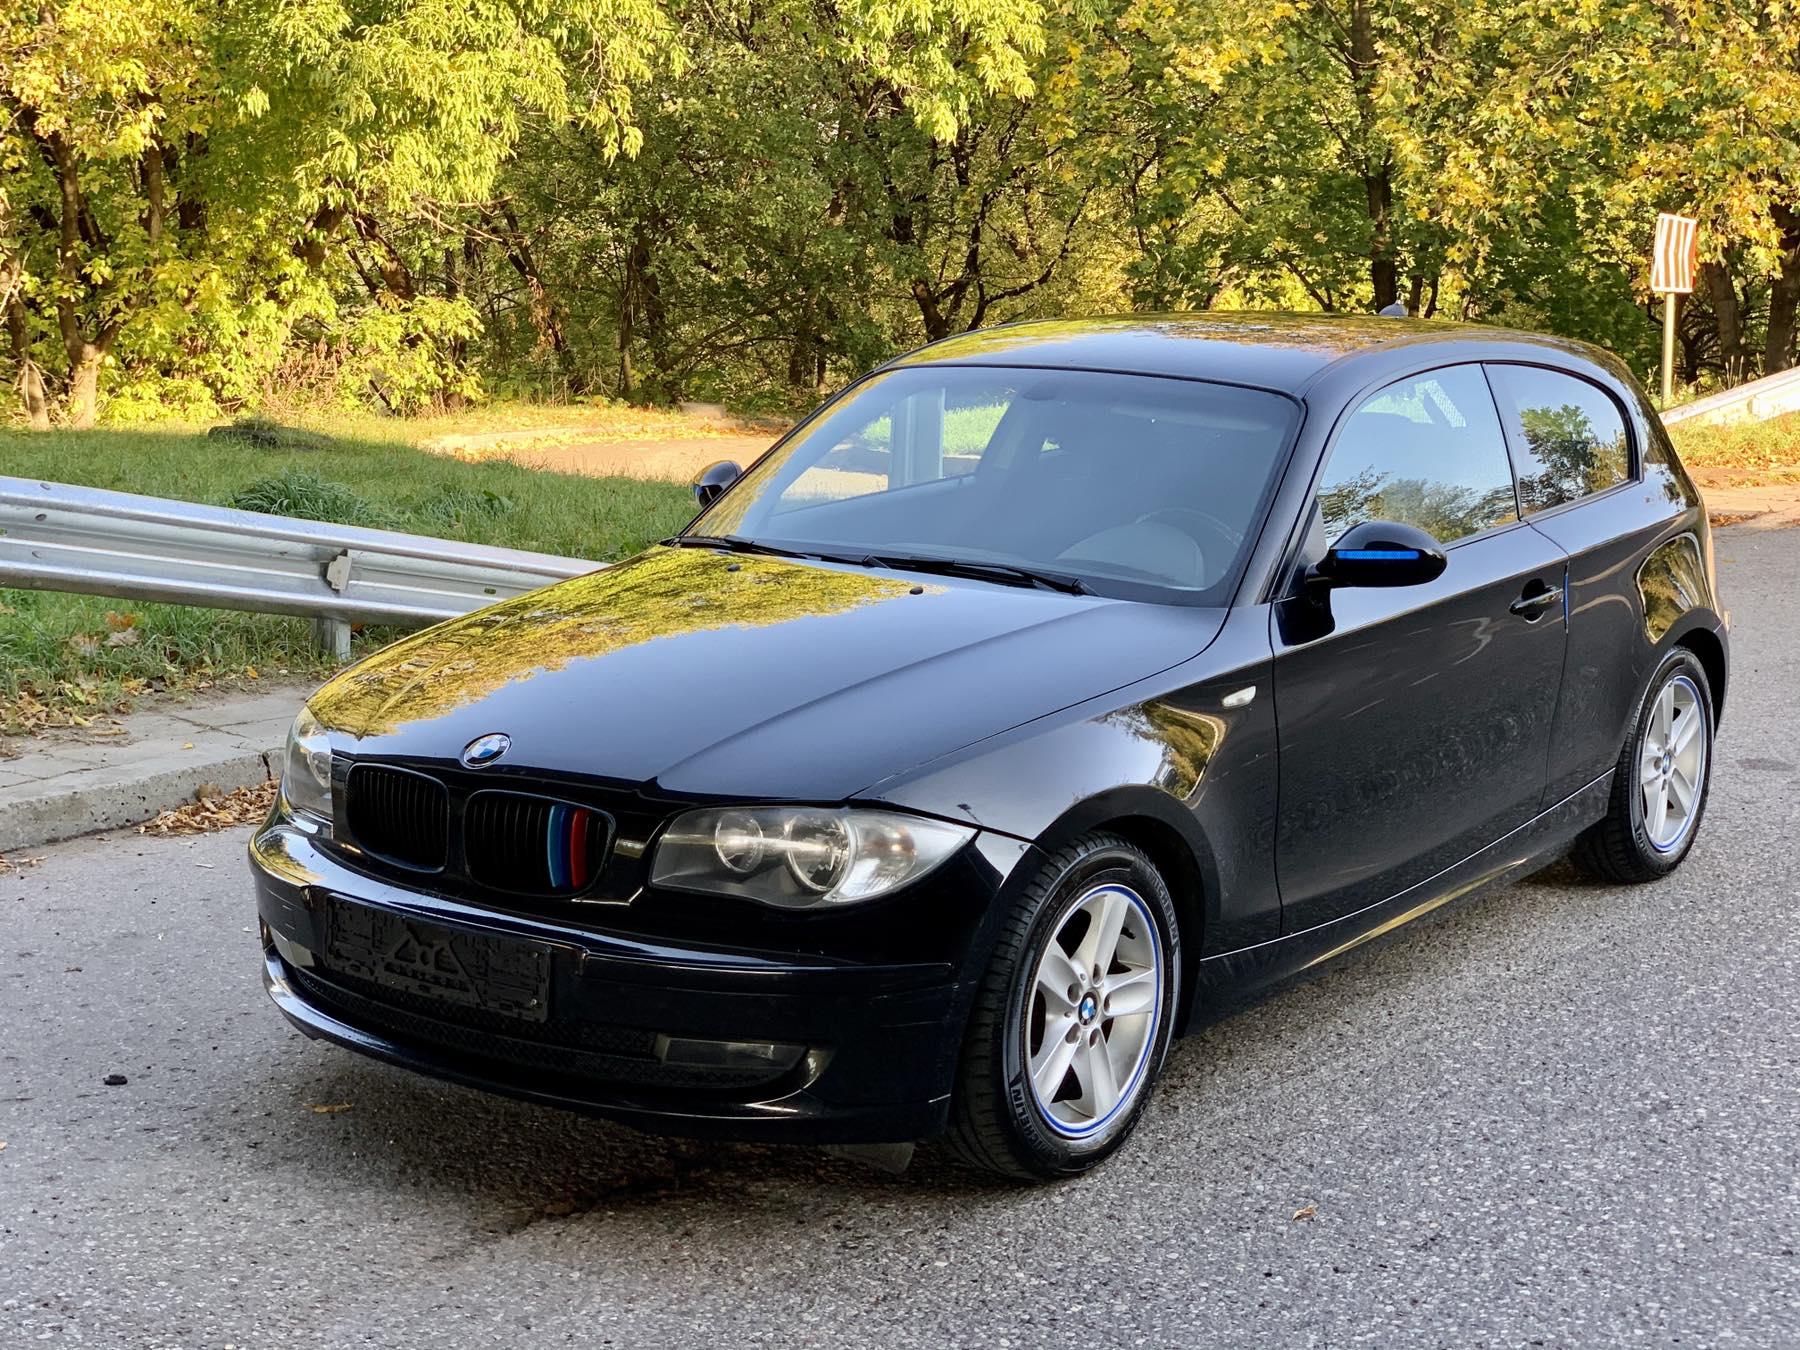 BMW 118, 2.0 l., kupė (coupe)